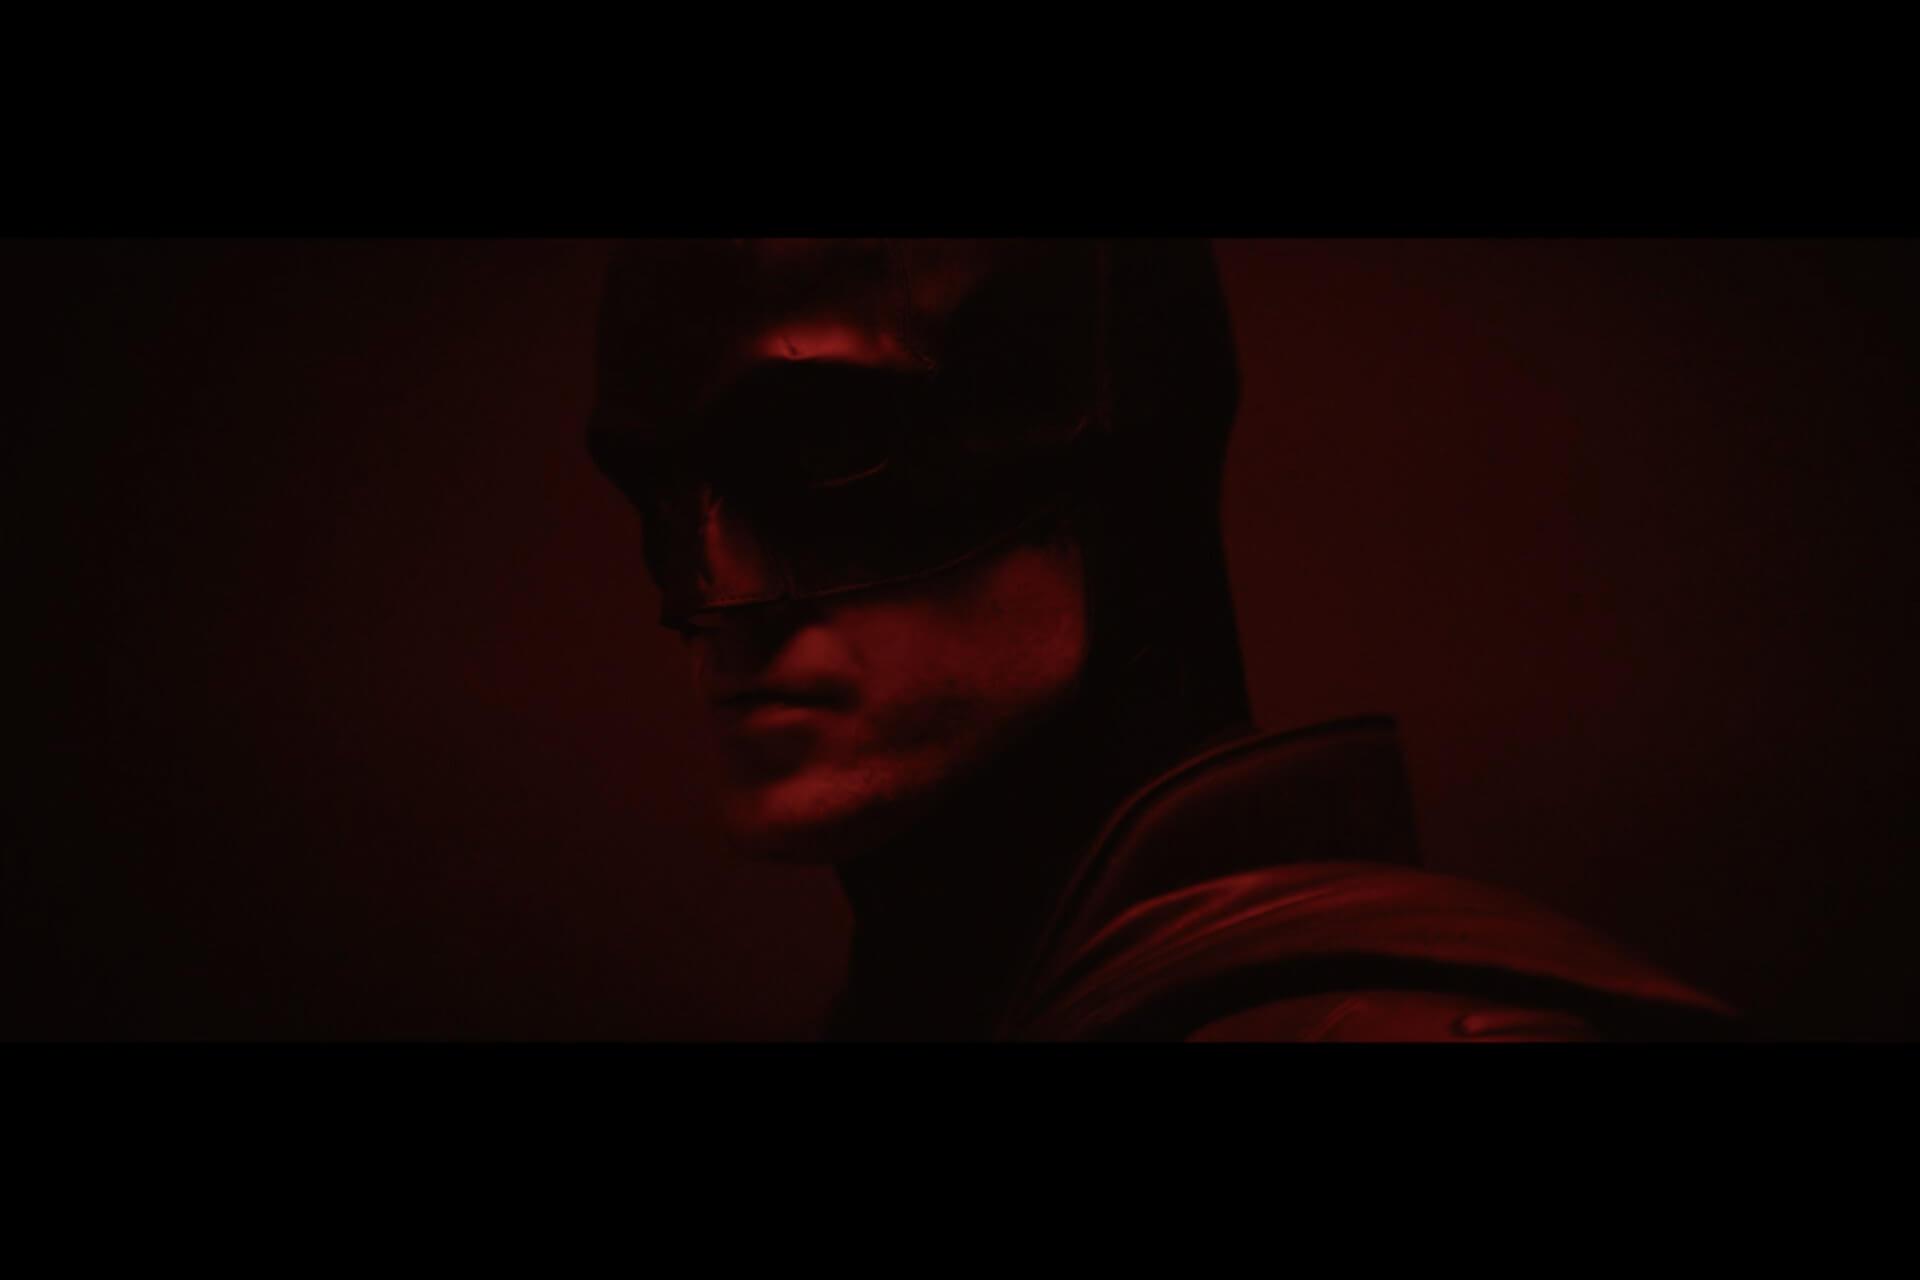 ロバート・パティンソン版バットマンが超クール!映画『ザ・バットマン』のカメラテスト映像が解禁 film200214_batman_main